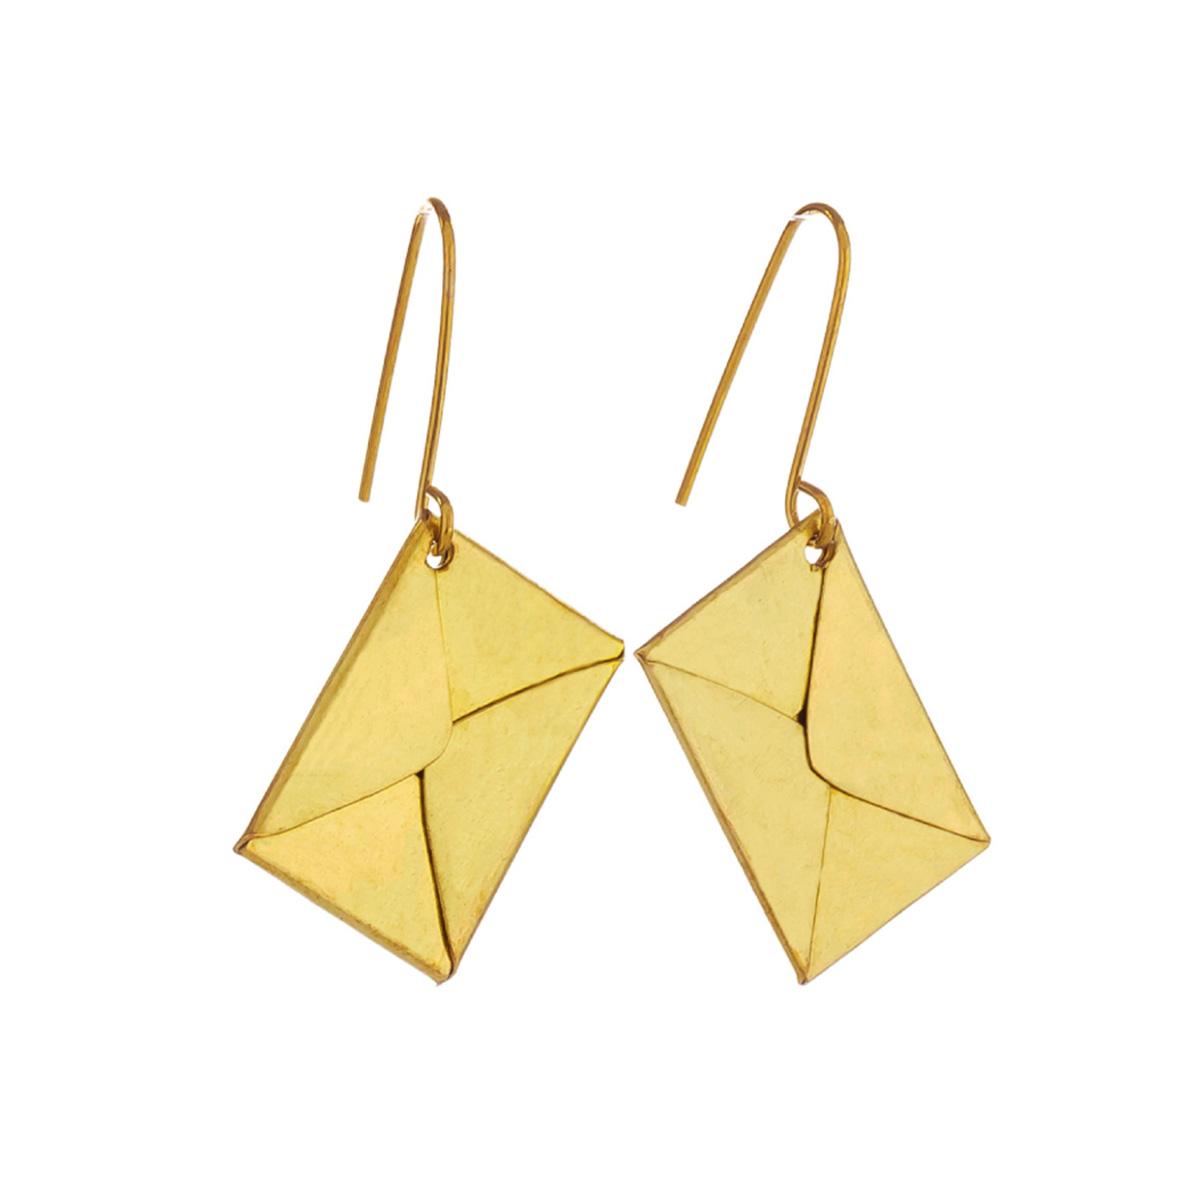 Brass letters hook earrings by Sibilia